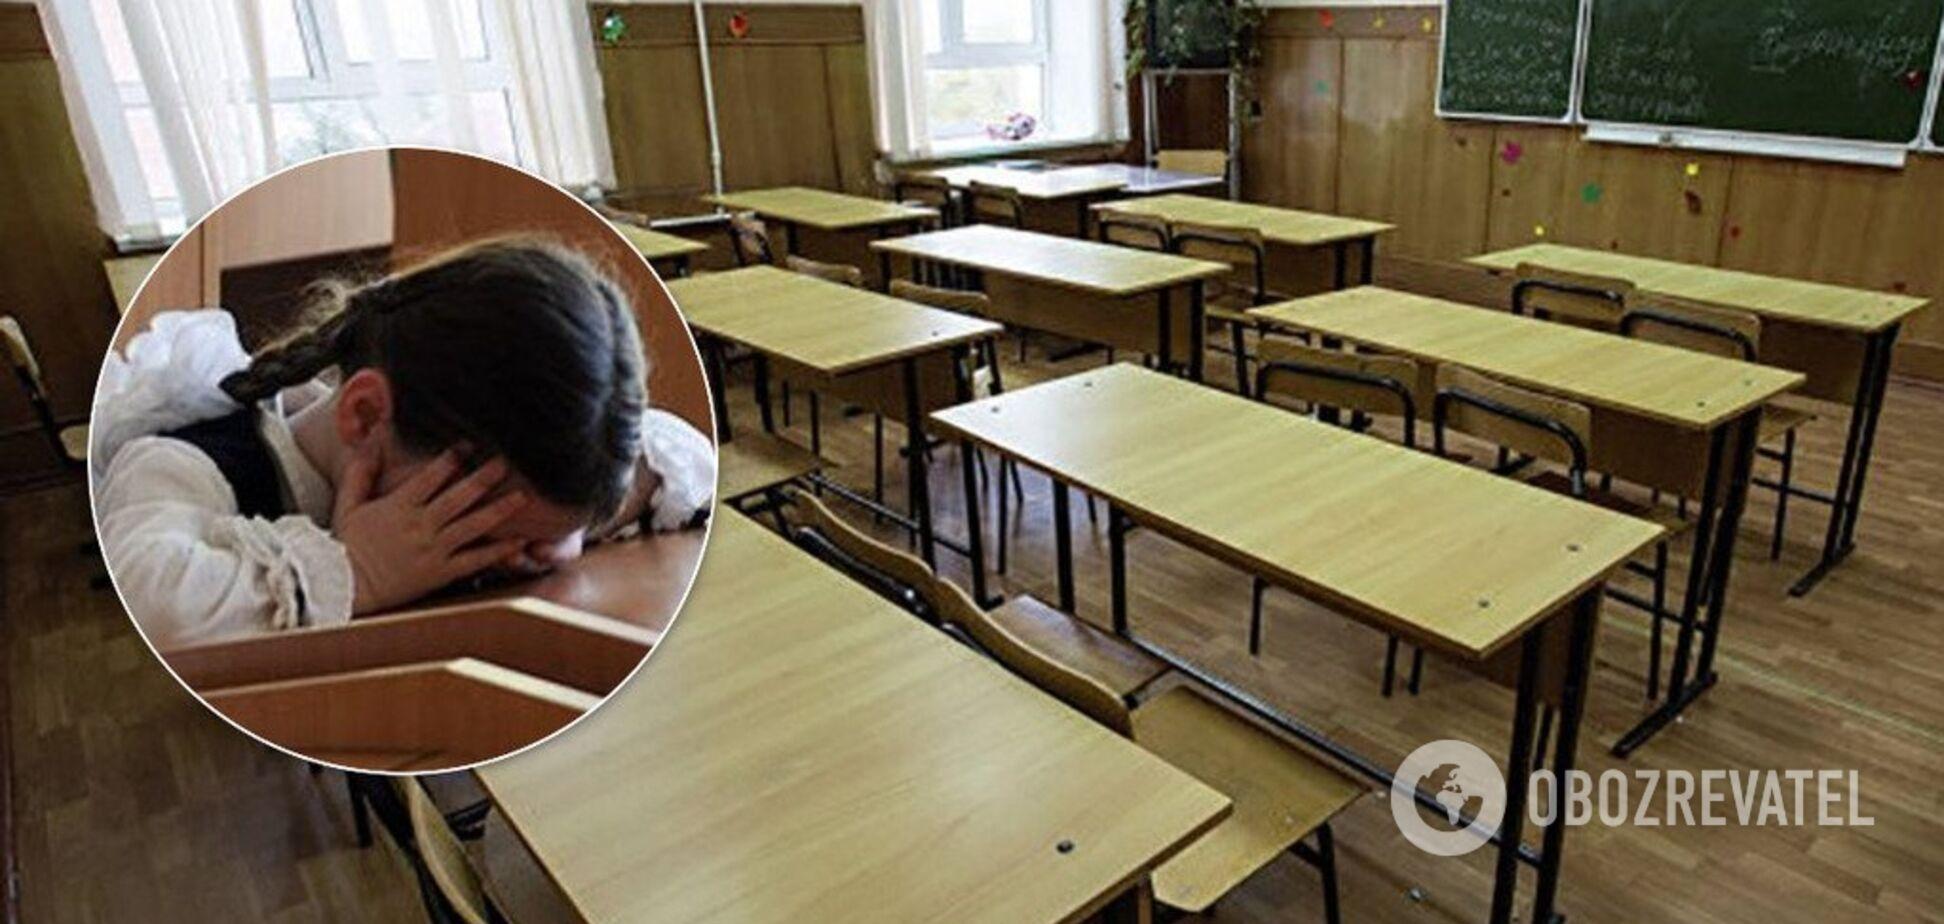 Надо было на русском: в школе Ивано-Франковска возник языковой скандал из-за стиха